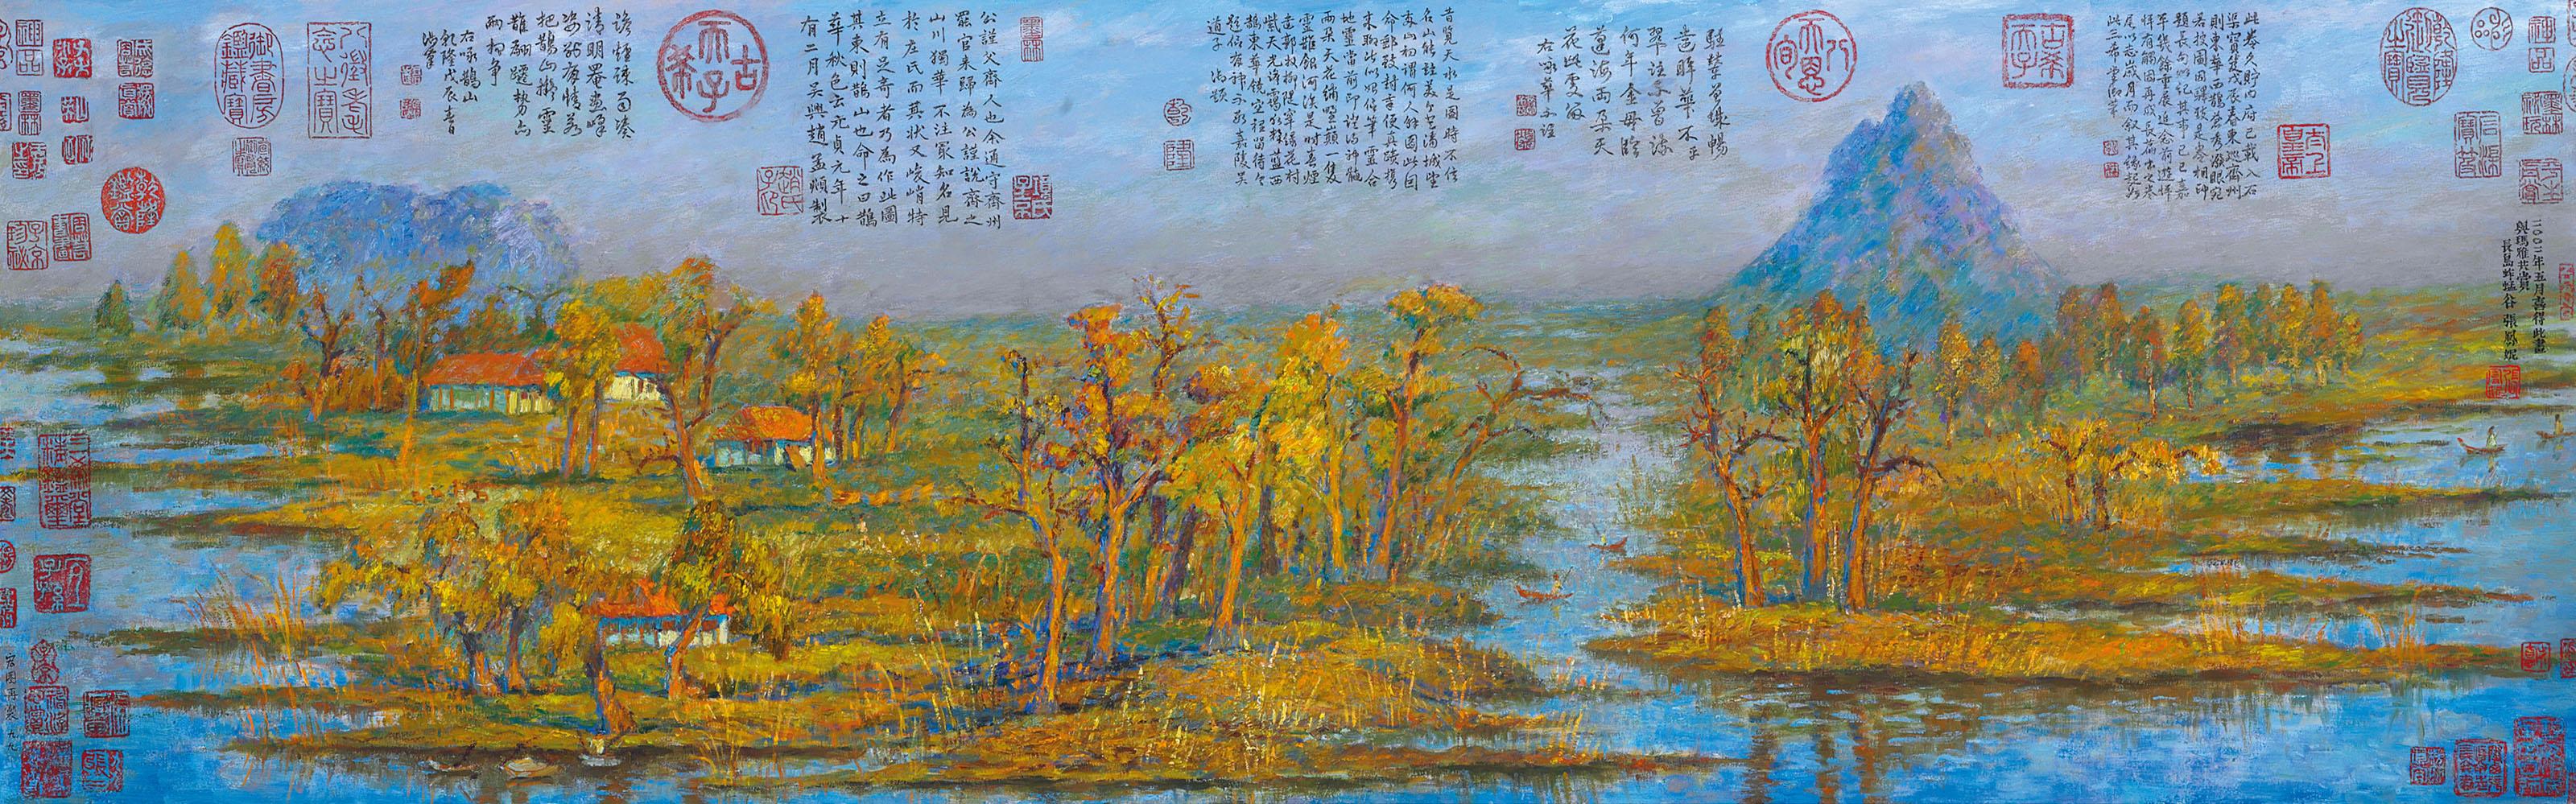 ZHANG HONGTU (CHINESE, B.1943)